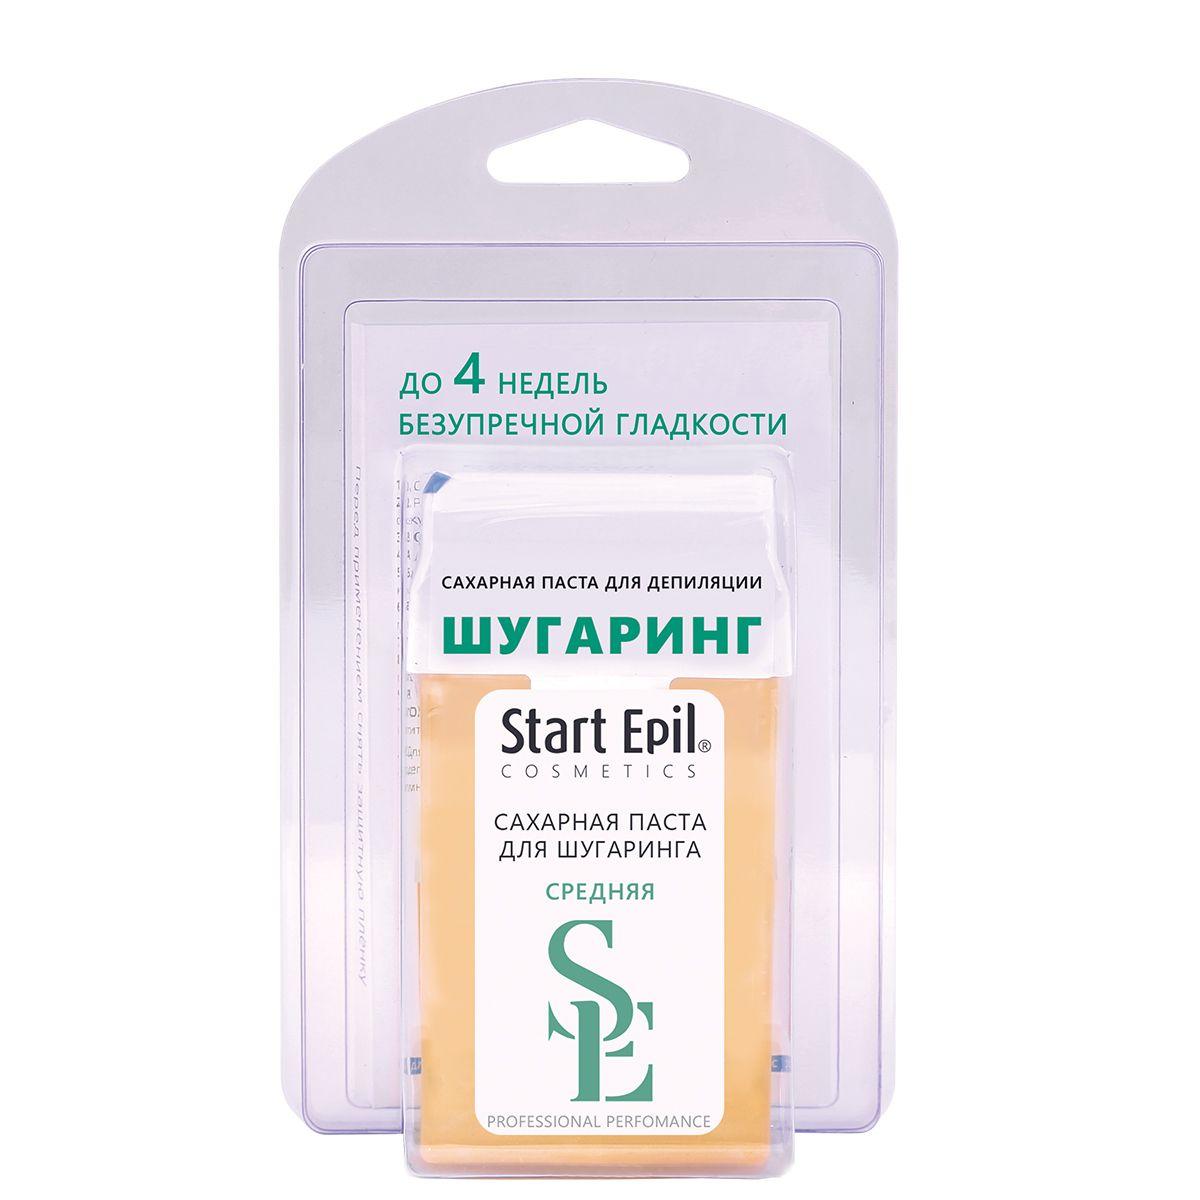 Фото - Aravia Professional Start Epil - Набор для шугаринга (сахарная паста в картридже средняя 100 гр, полоски для депиляции) start epil набор для шугаринга паста средняя в картридже 100 г бумажные полоски